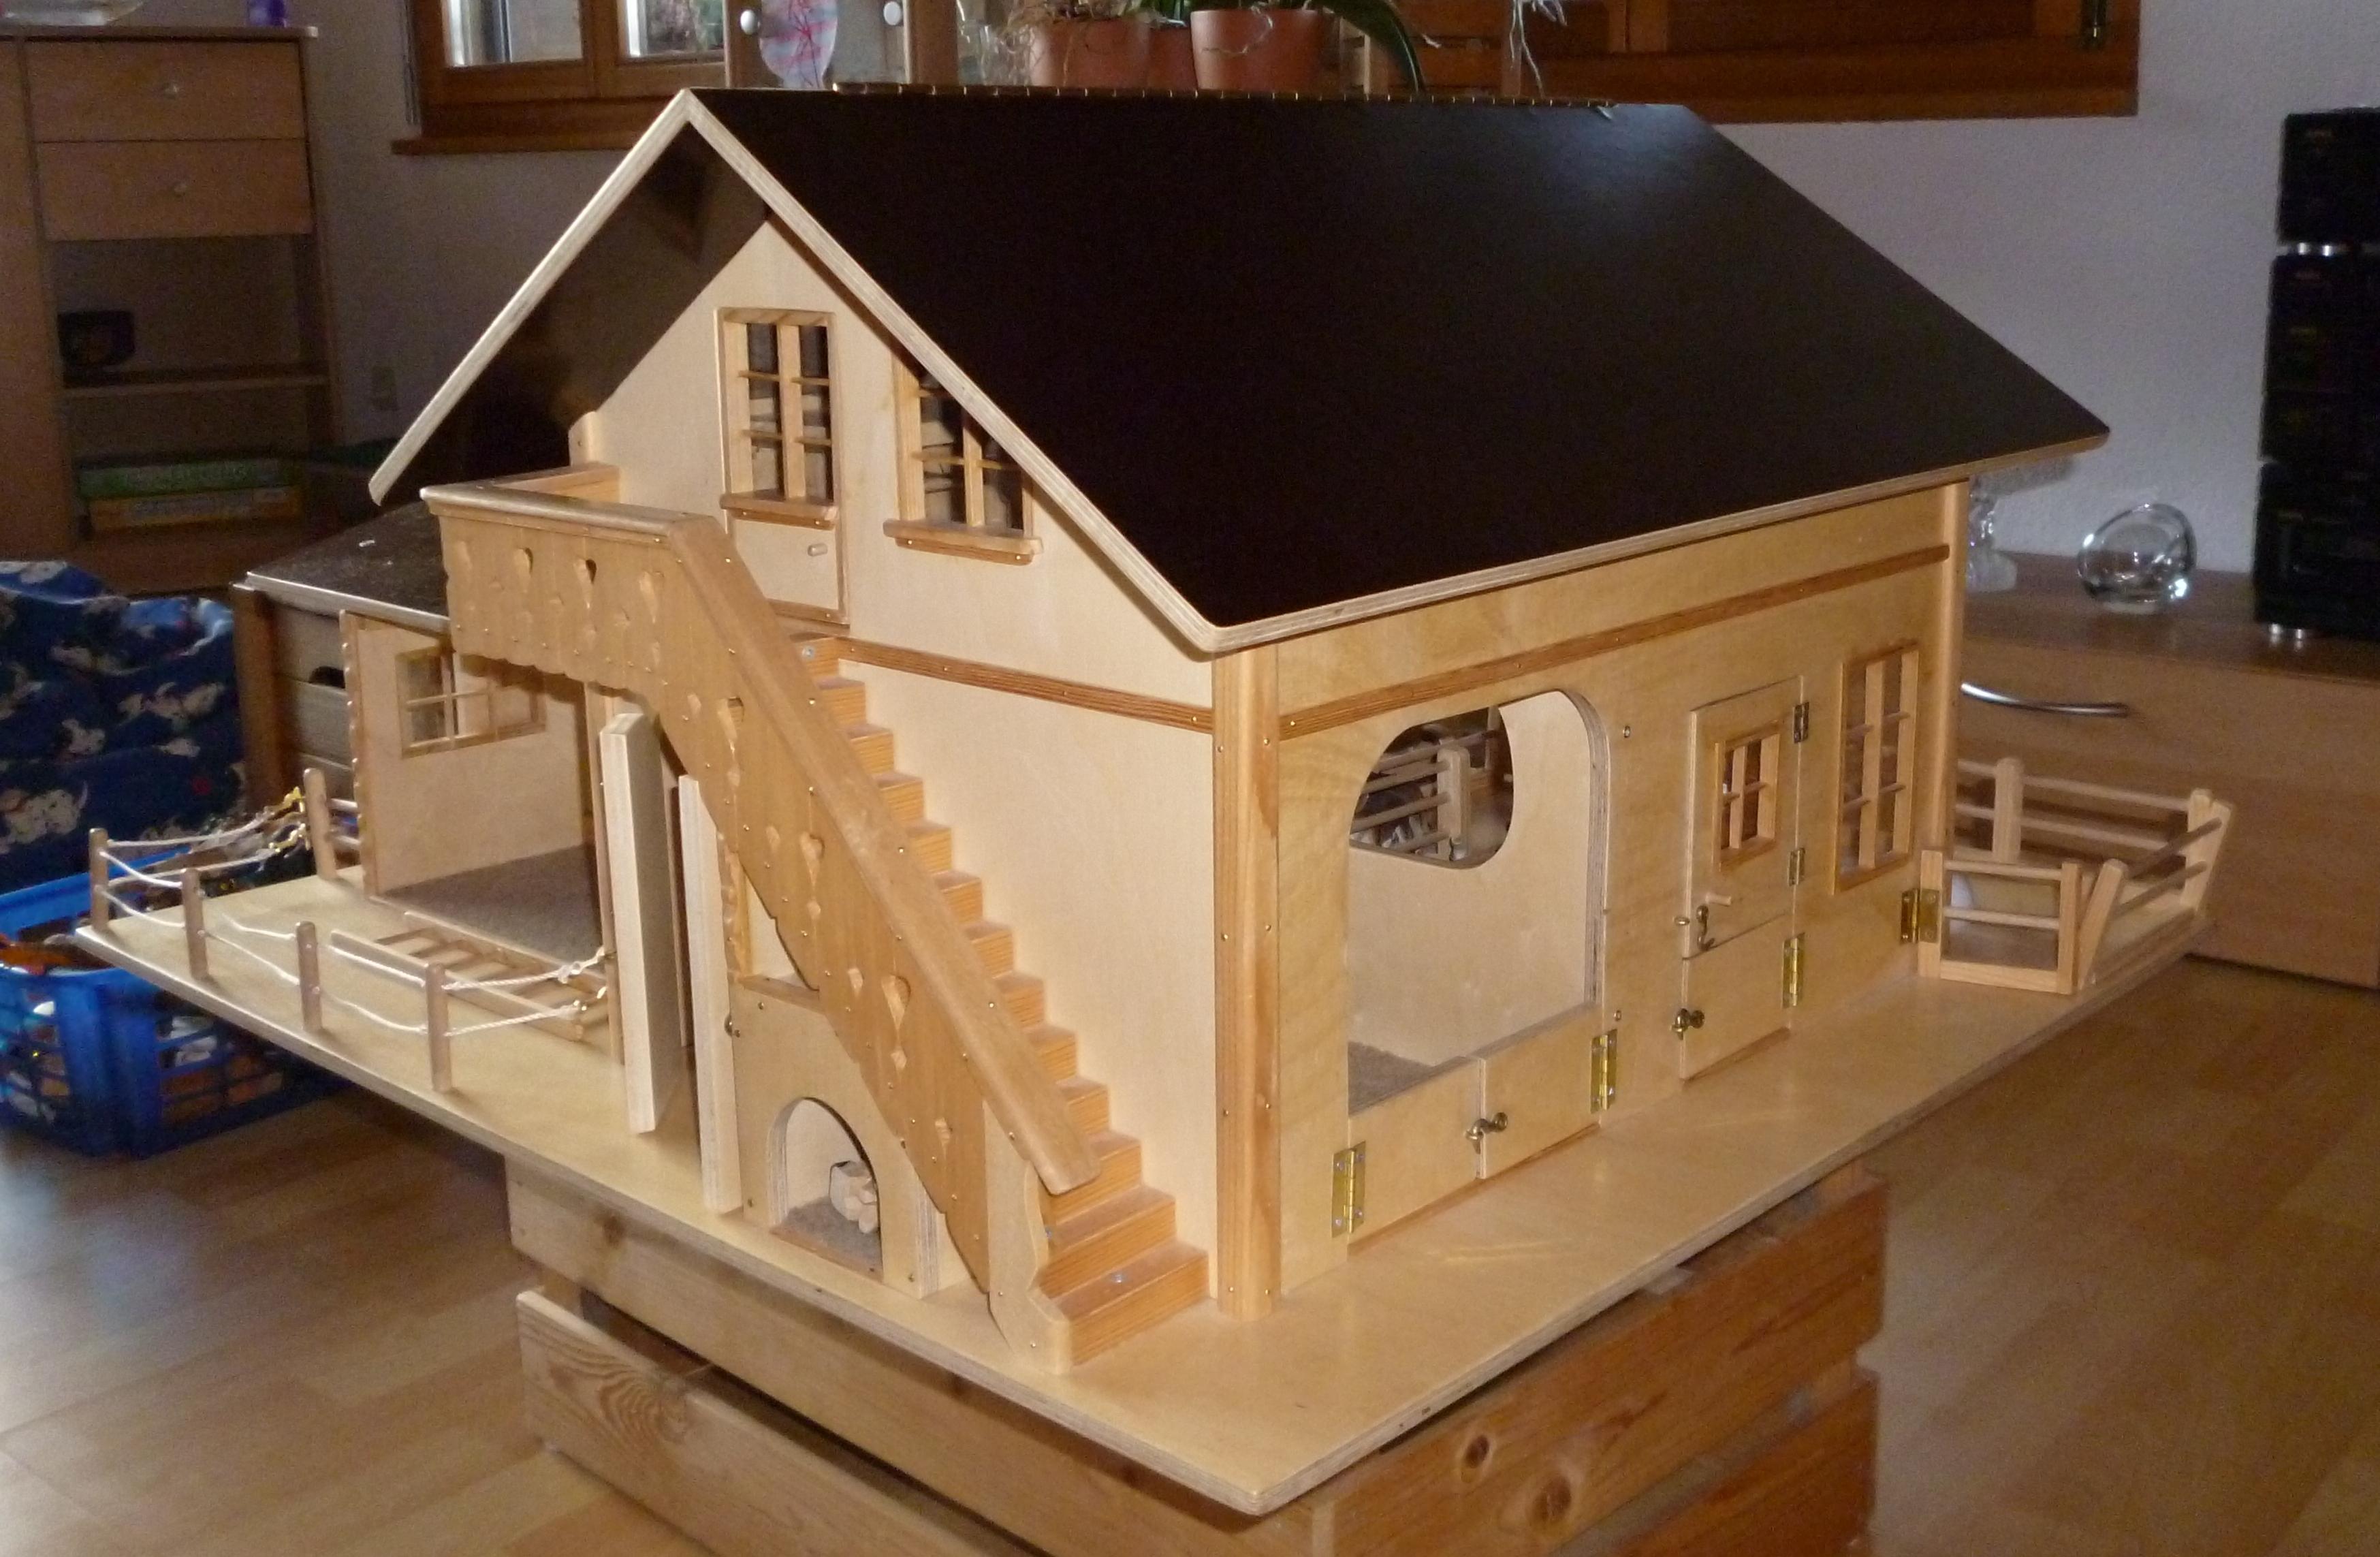 holzspielzeug kinder. Black Bedroom Furniture Sets. Home Design Ideas